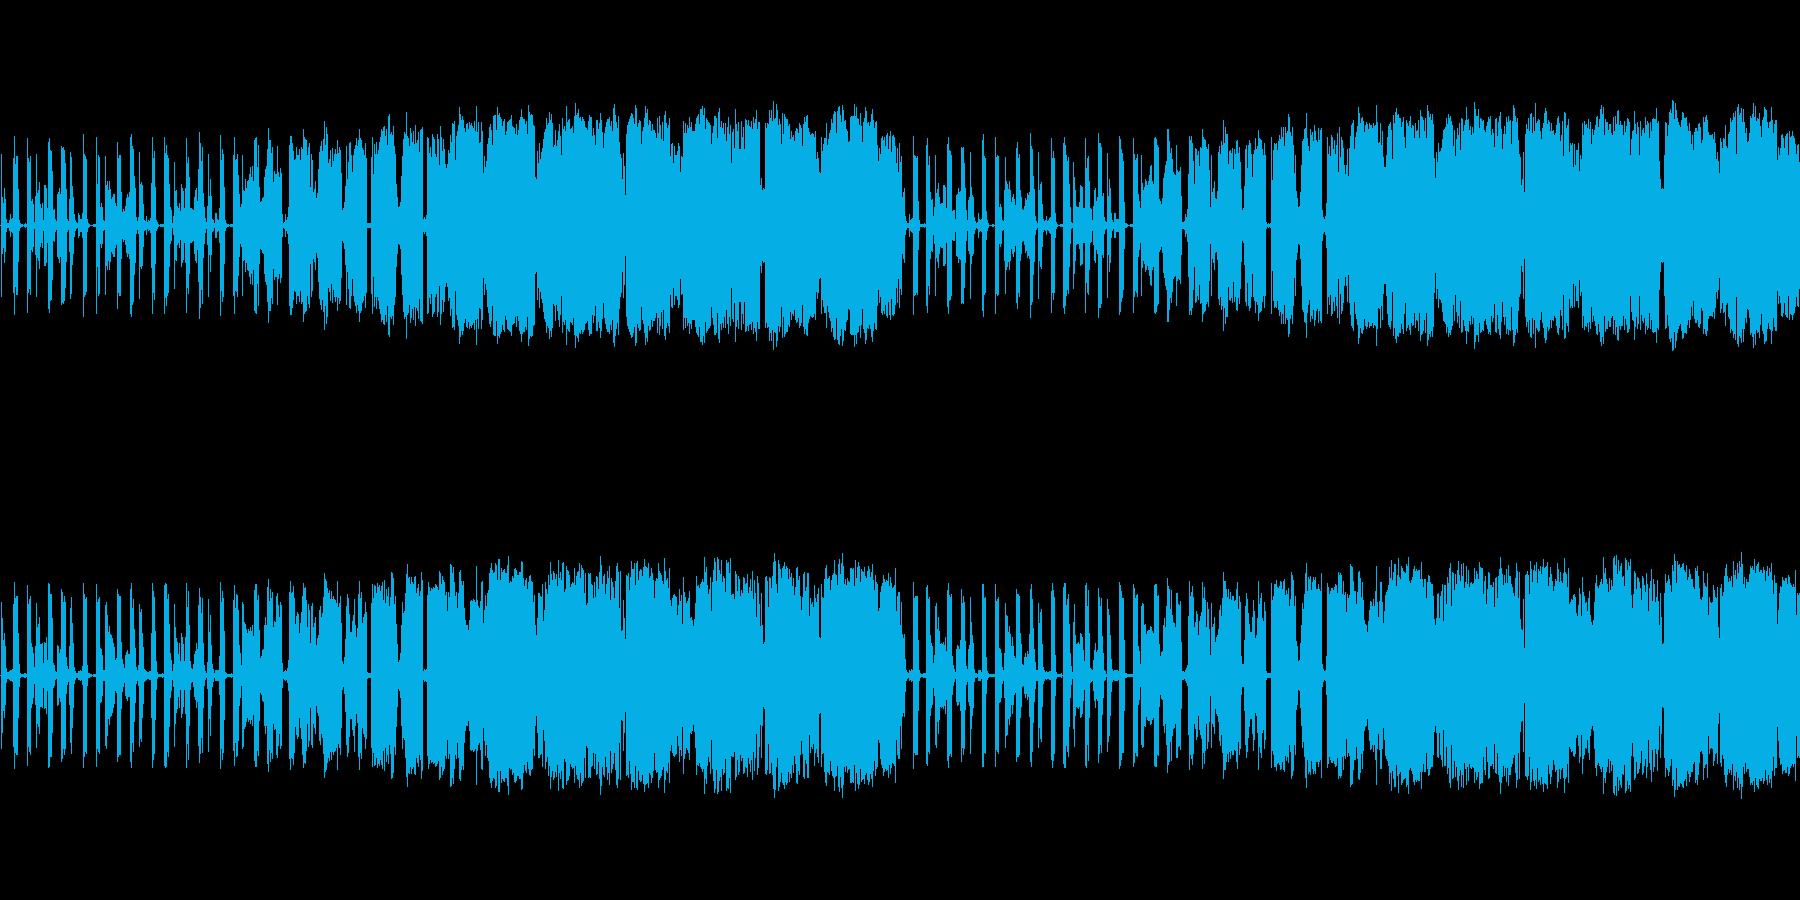 【ホラー/映画/BGM】の再生済みの波形